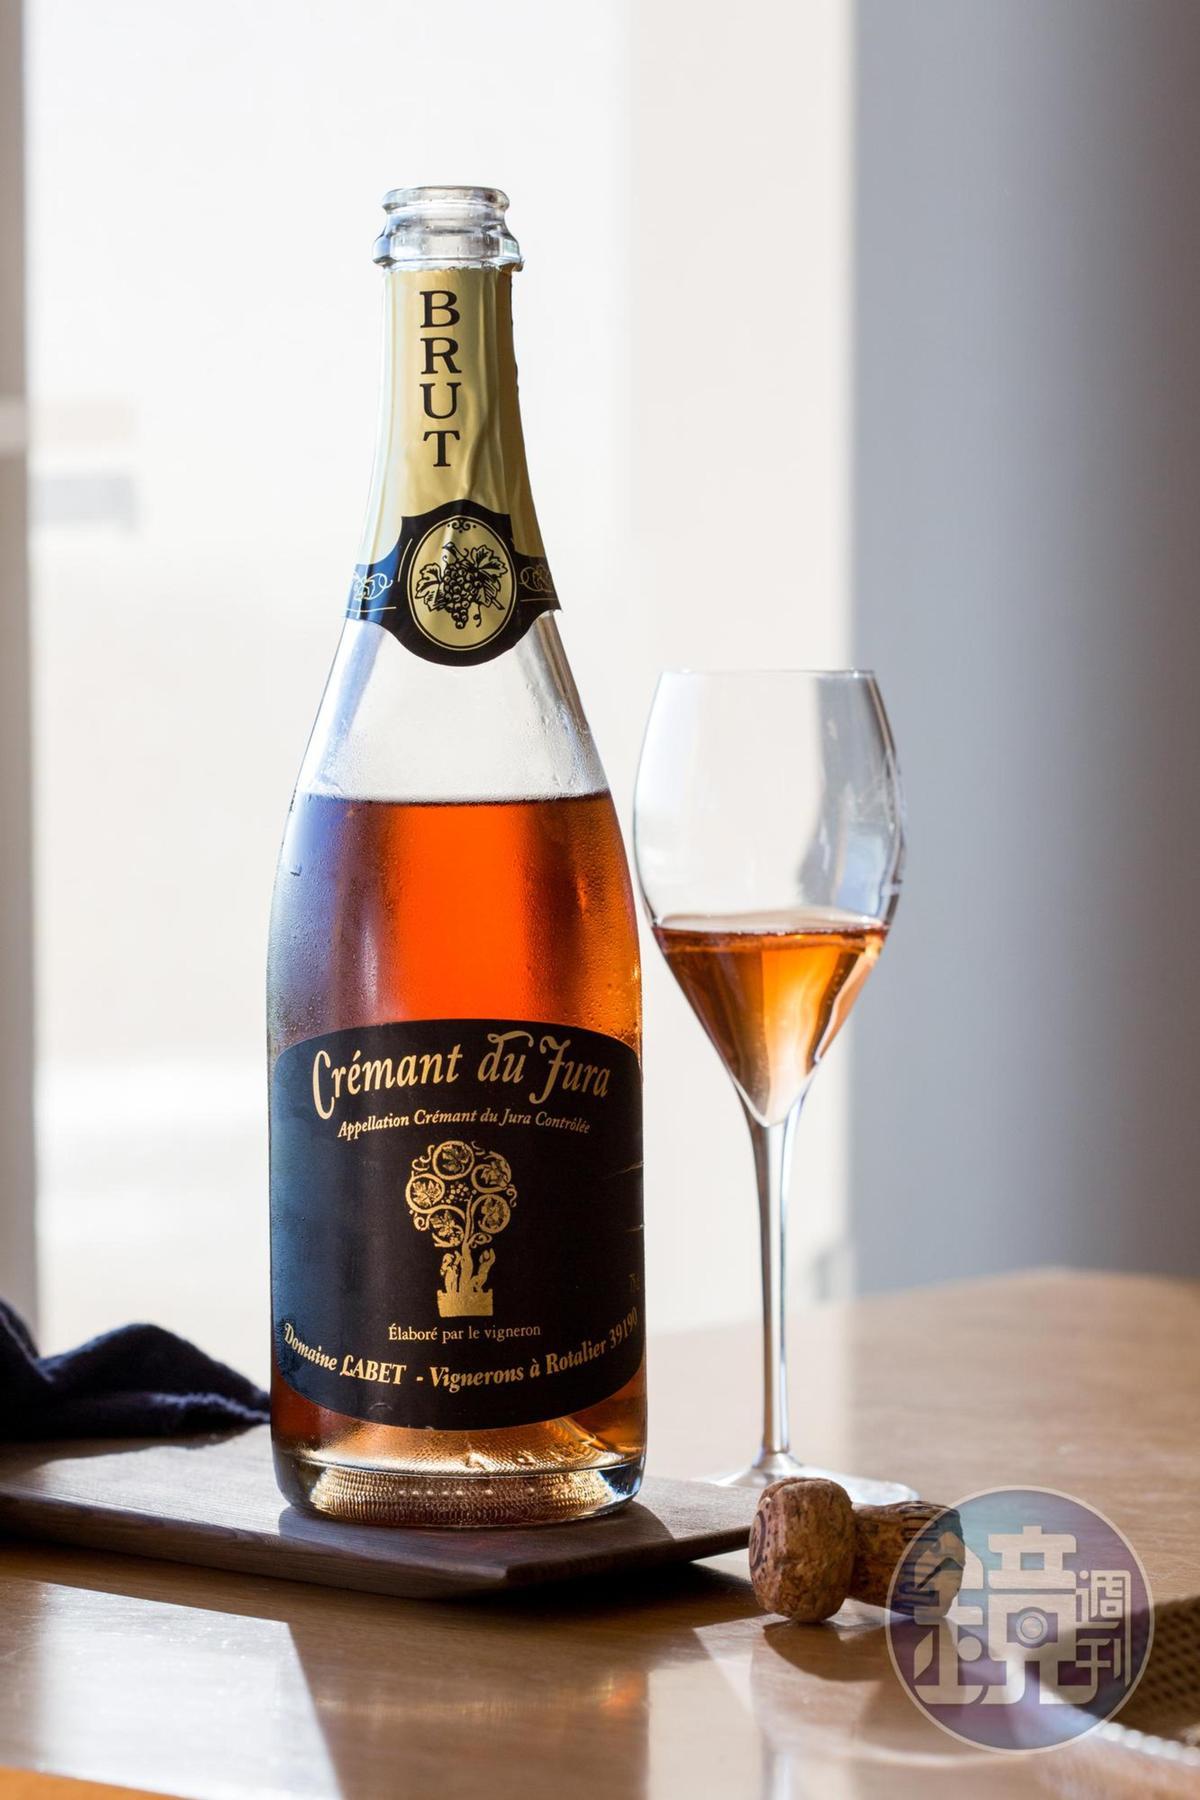 侏羅地區的粉紅氣泡酒「Domaine Labet, Crémant du Jura, Rosé, NV」,氣泡衝擊出討喜的草莓果醬和莓果酸度,風味升揚變化多端。(詩人酒窖,1,280元/瓶)